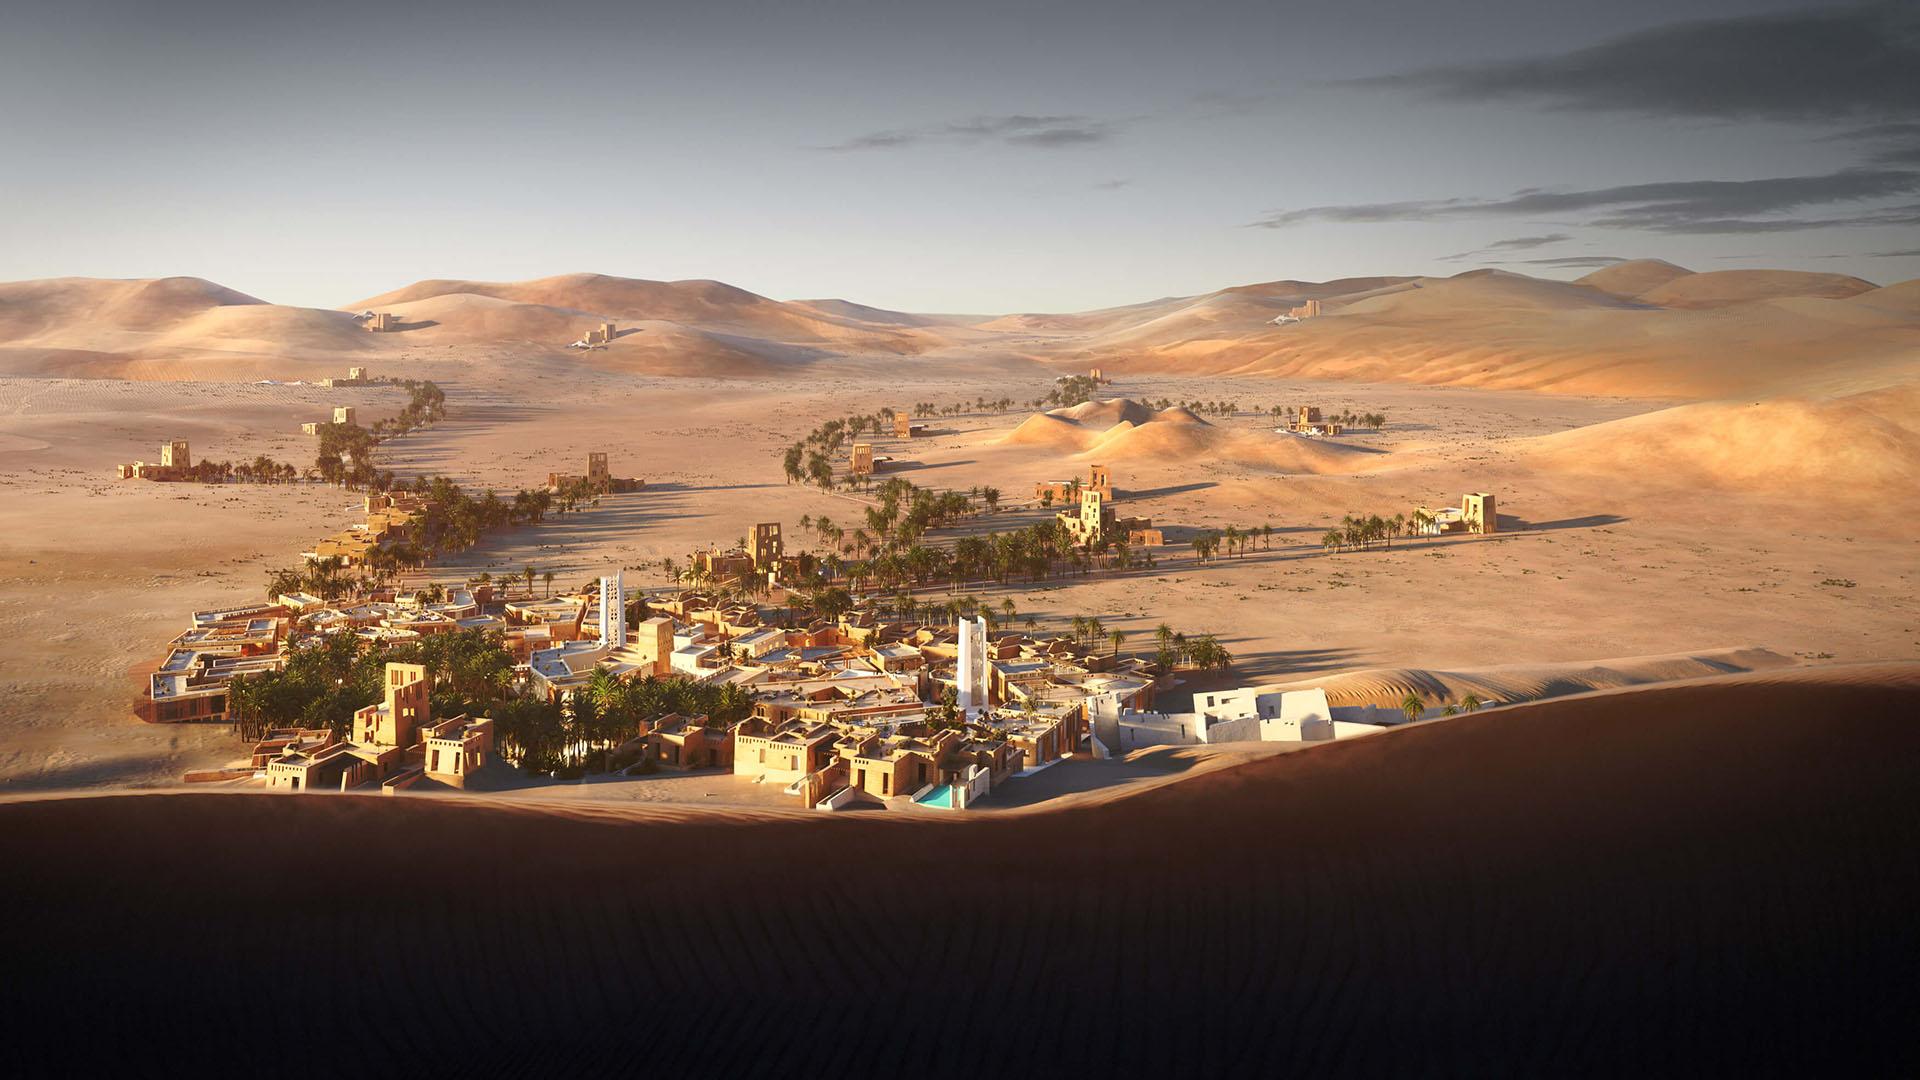 Hyperreal ArchViz Desert Resort